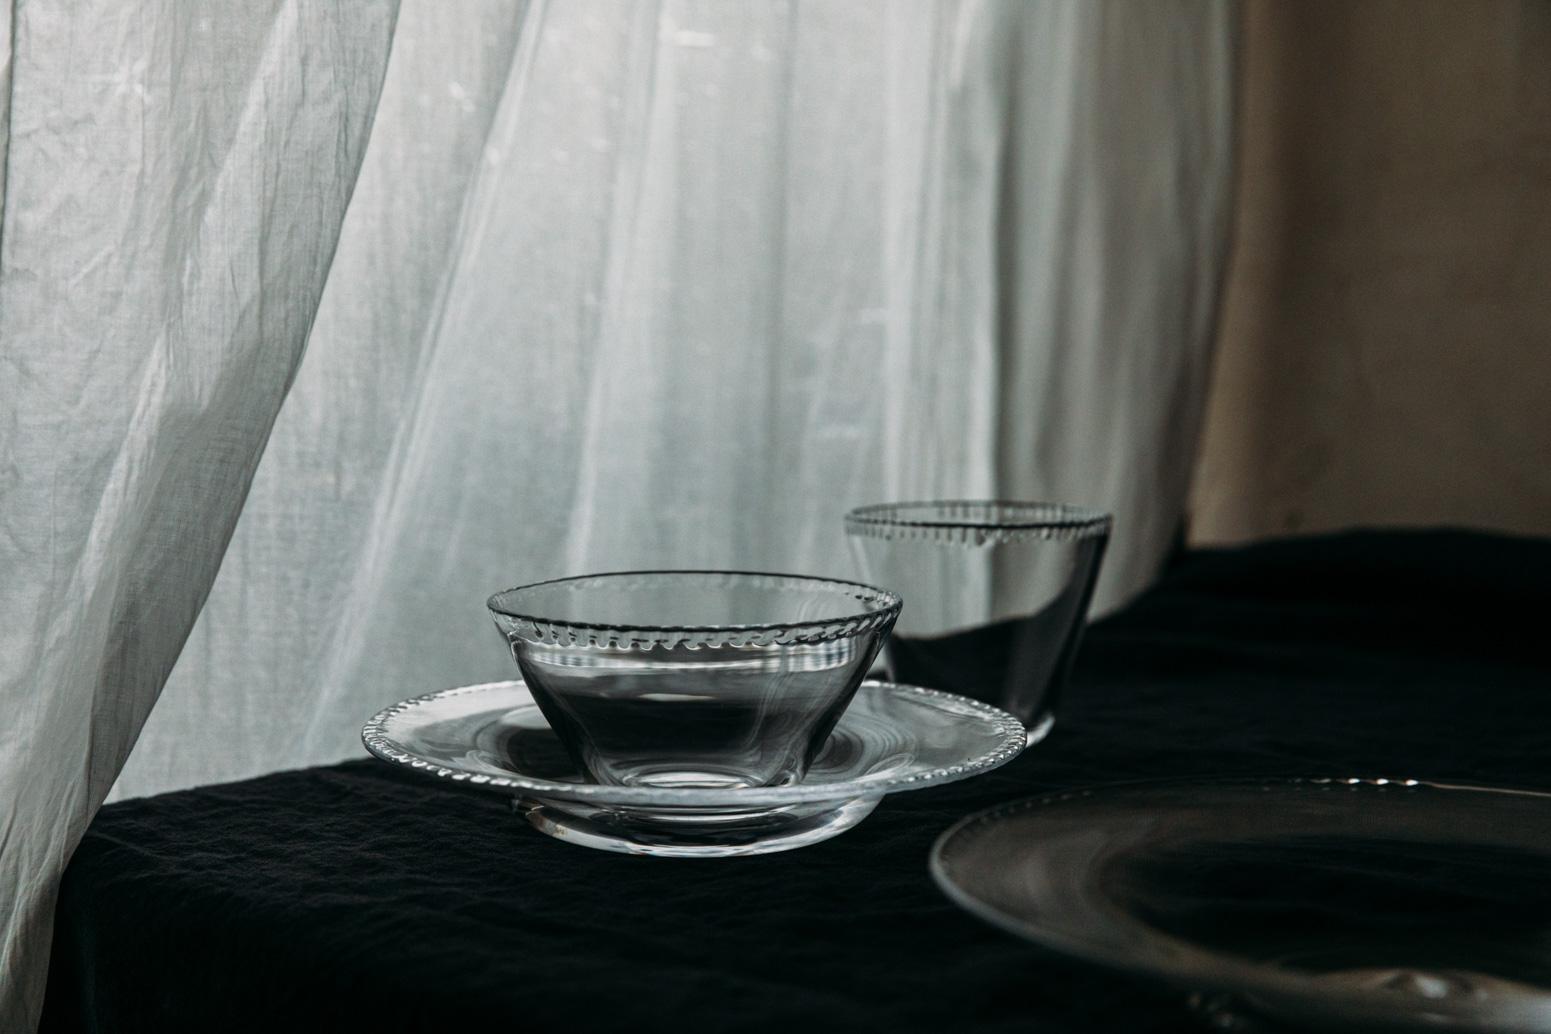 奥平明子 作品 ガラス 通販